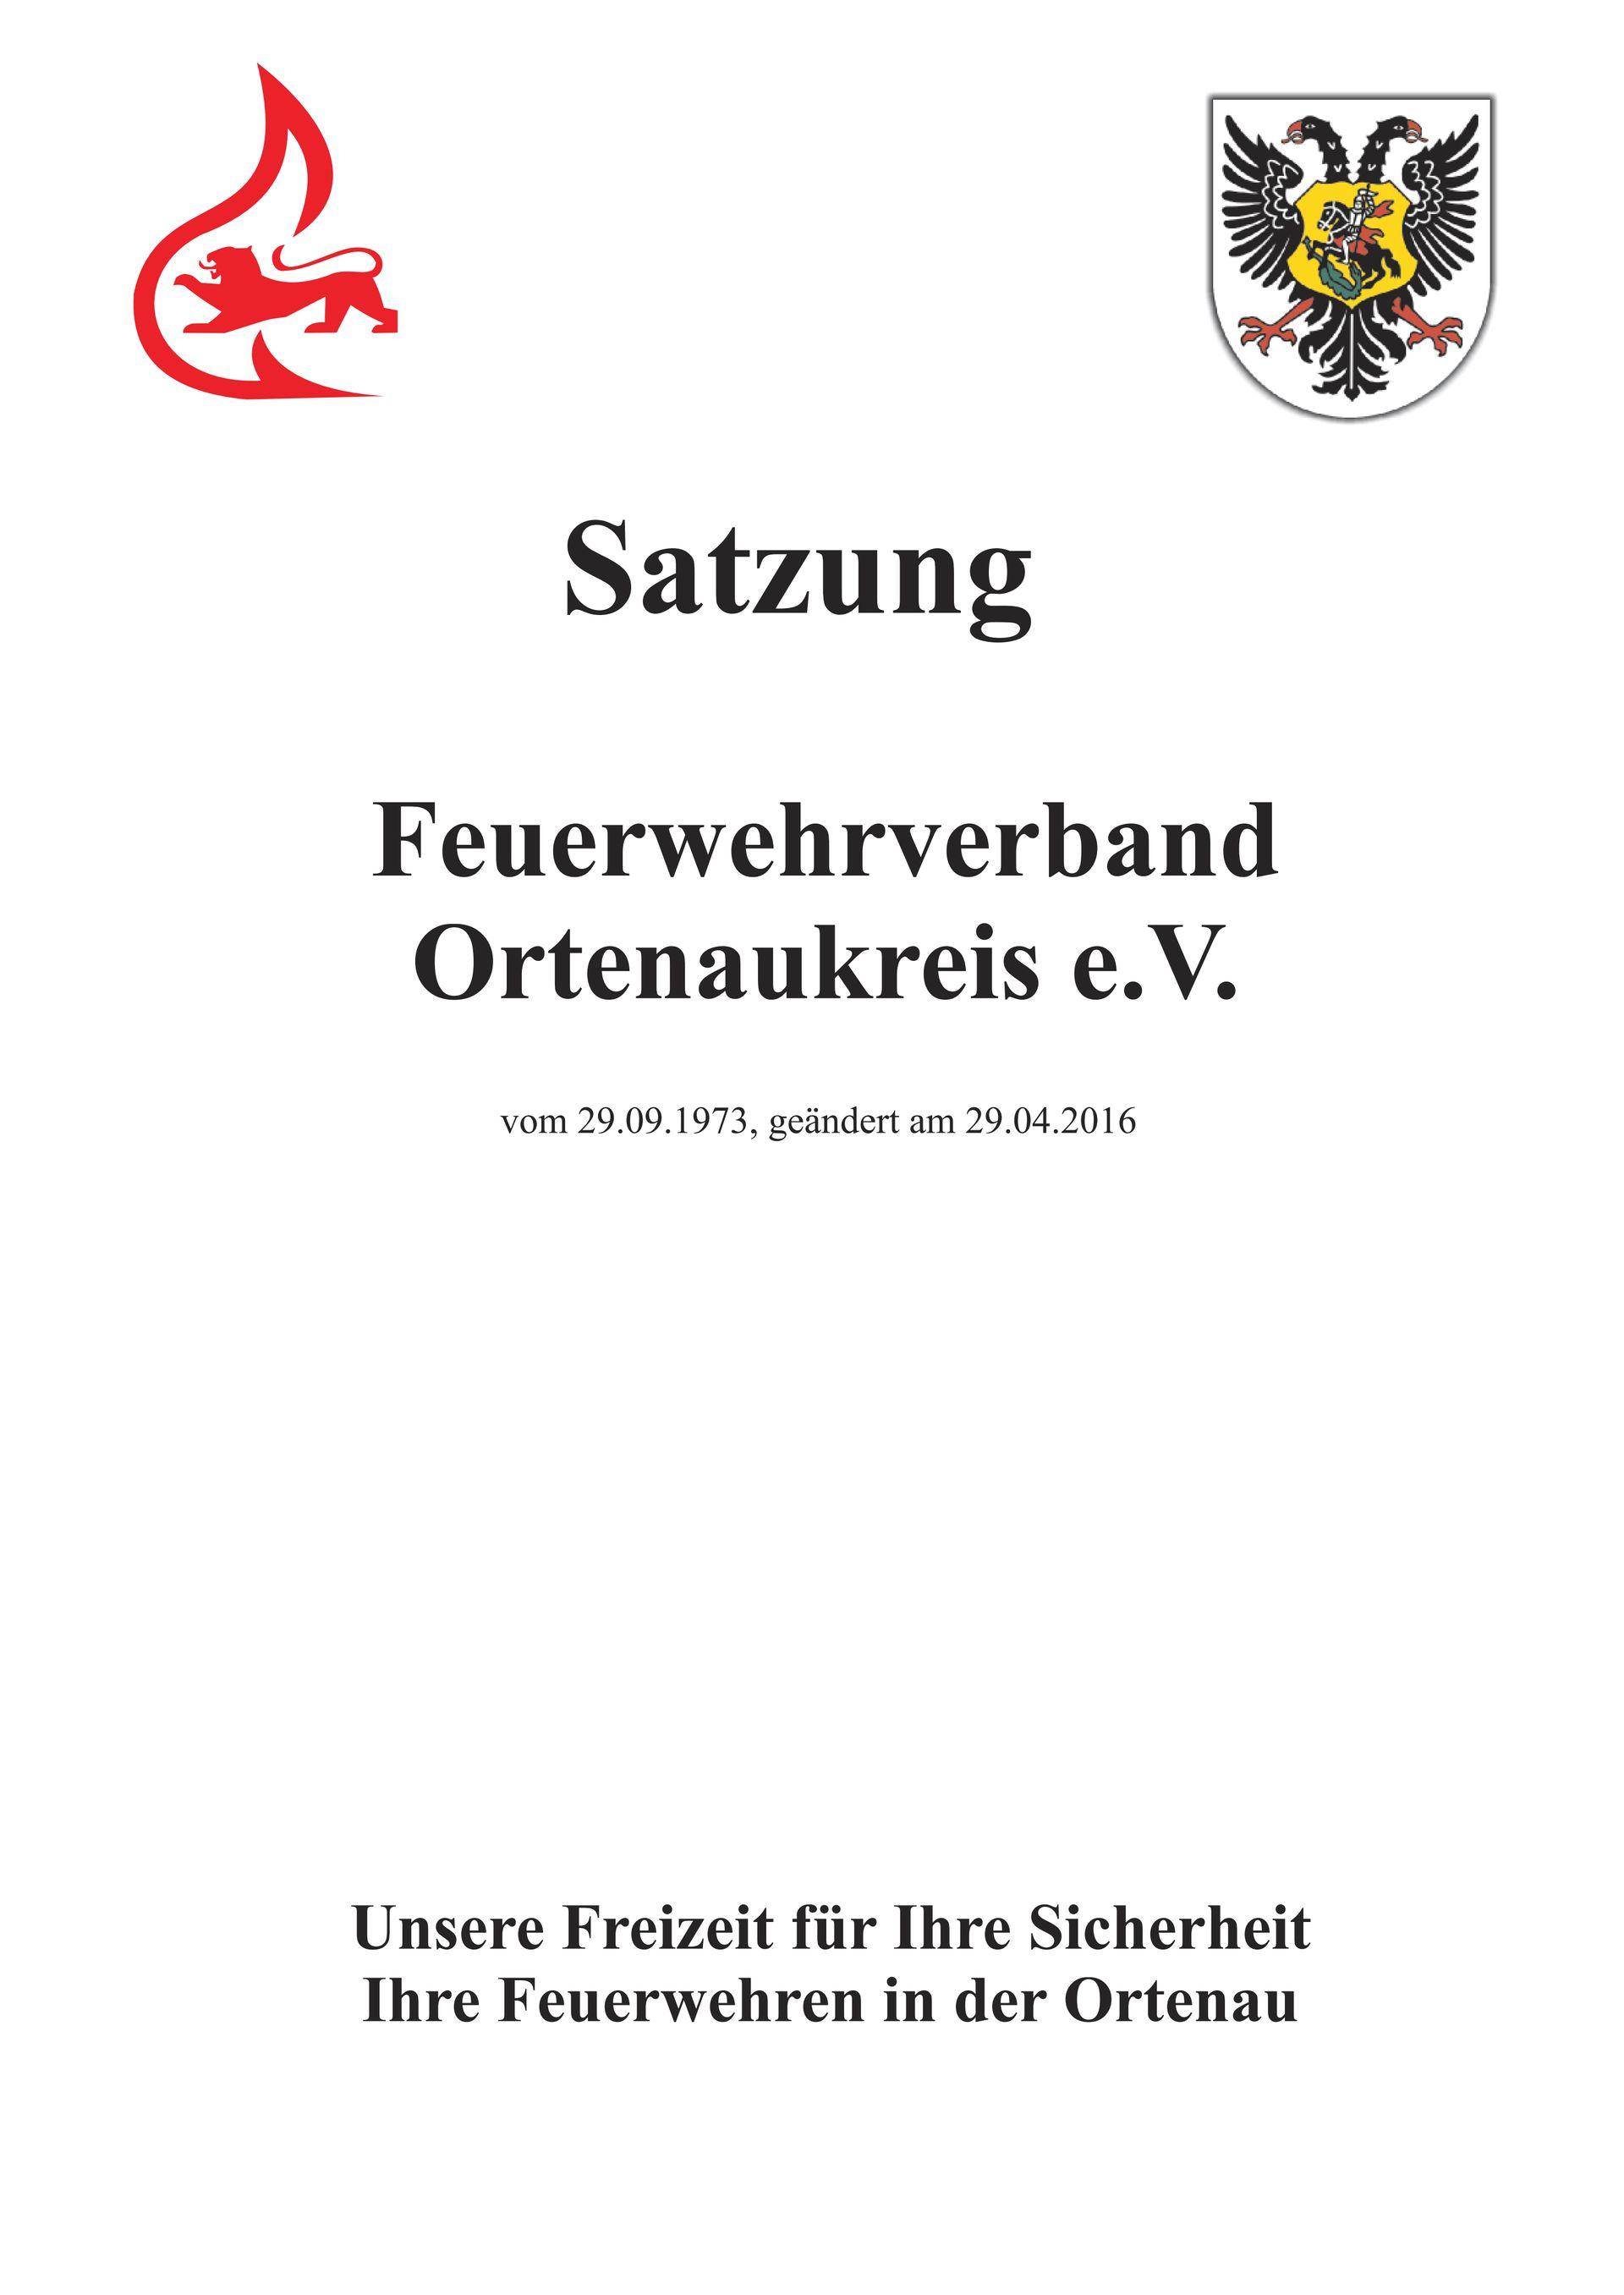 Satzung | Feuerwehrverband - Ortenaukreis